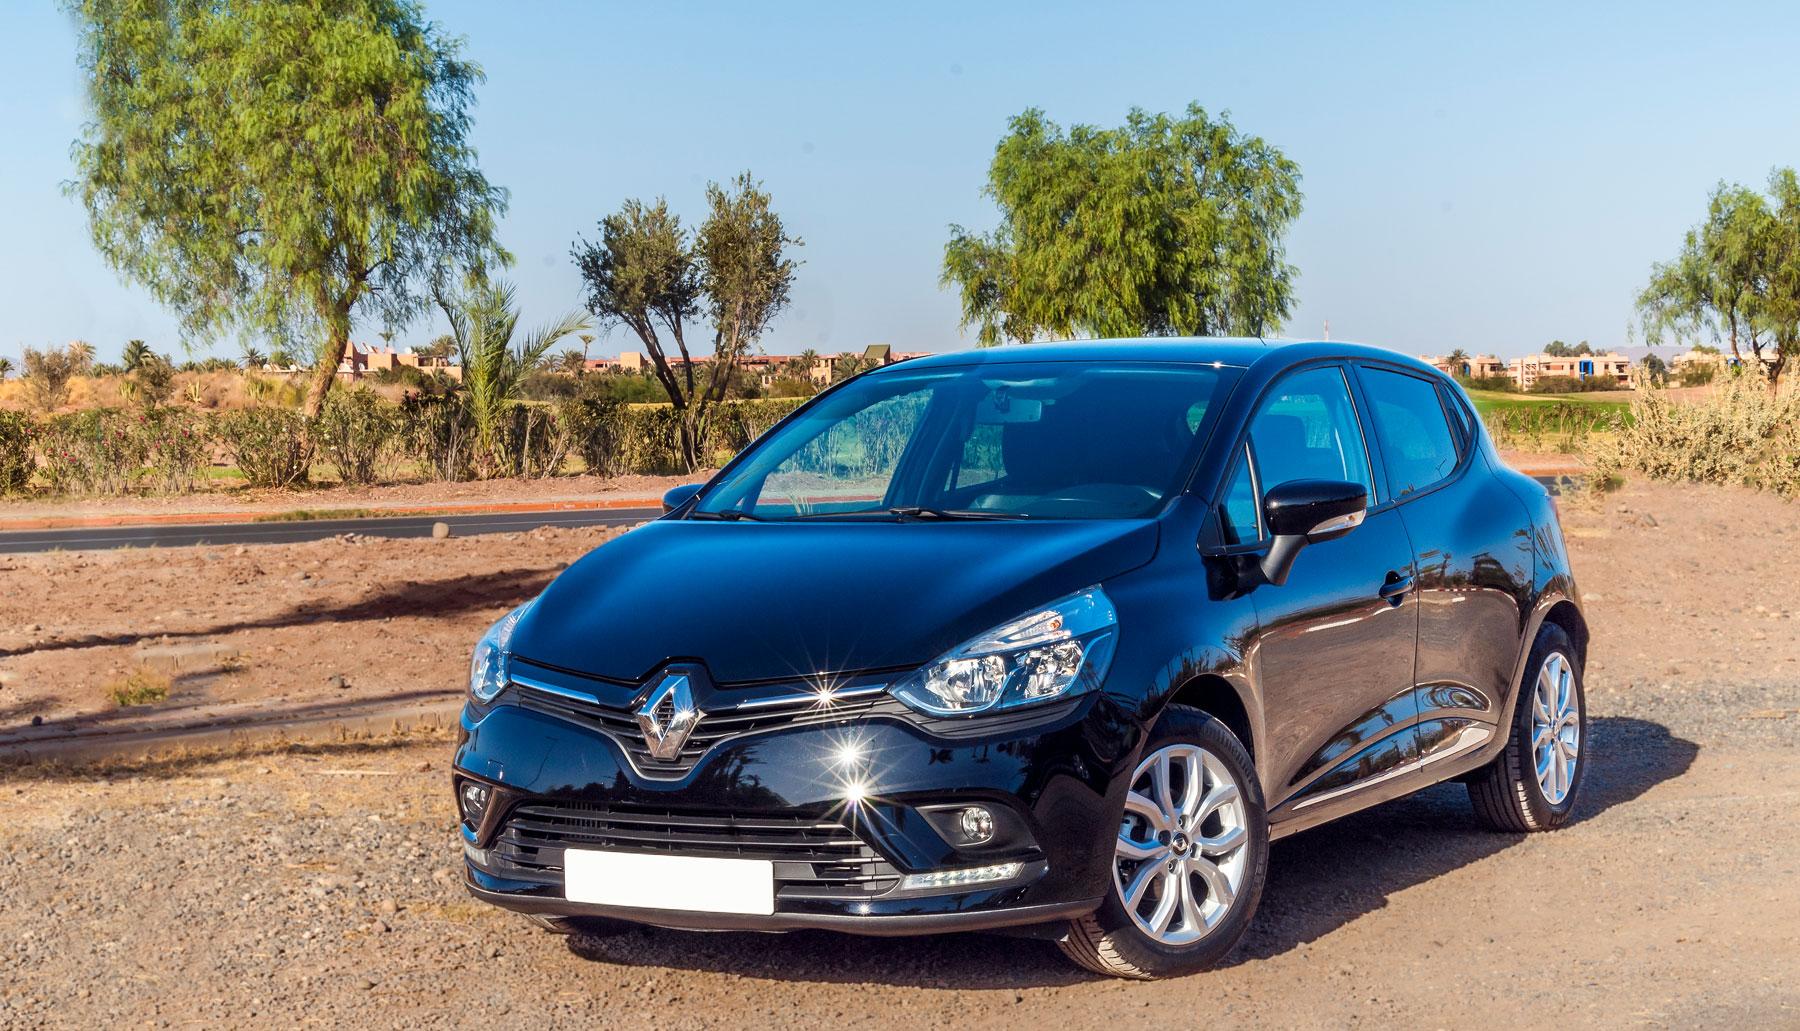 Agence de location de voiture marrakech gueliz adresse for Agence de location